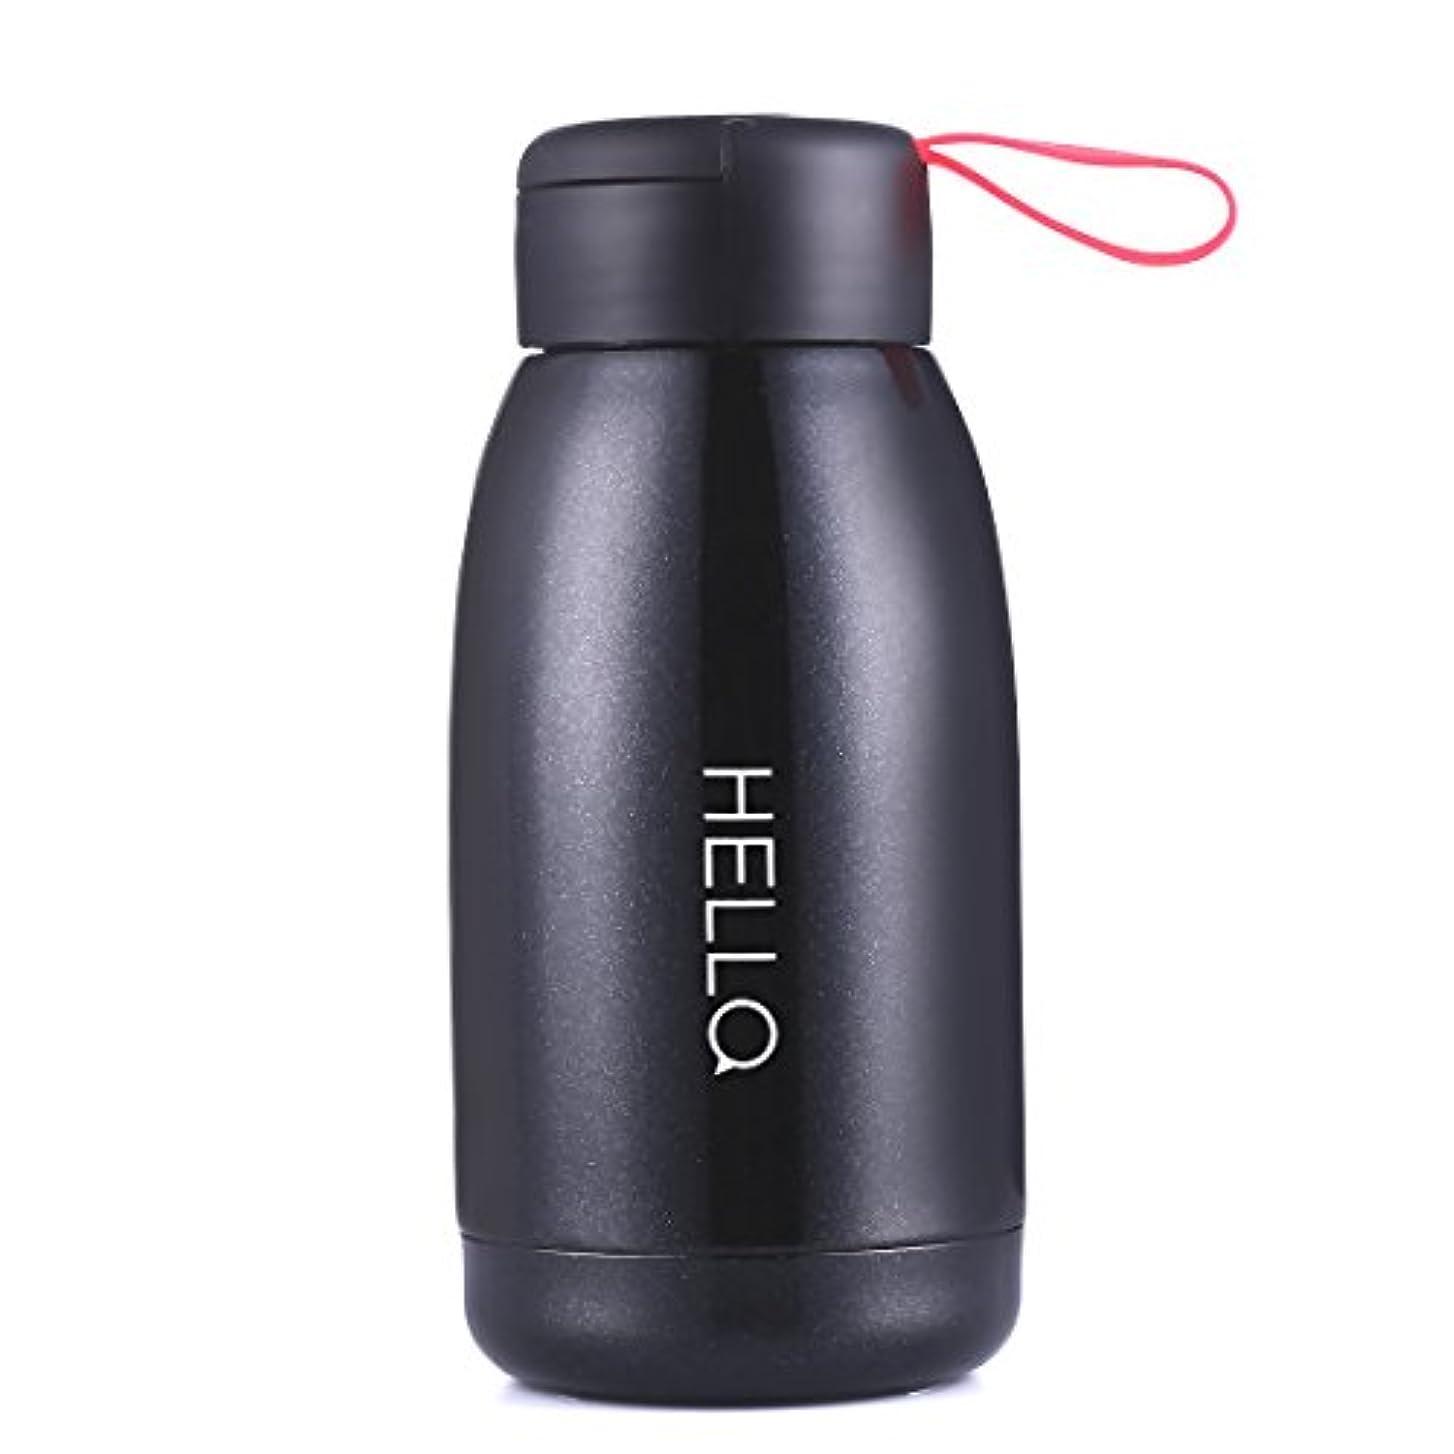 騒々しいマンモス付添人Oneisall sb62108 450 mlポータブル魔法瓶旅行マグキュートデザイン真空断熱ステンレス鋼魔法瓶水ボトル、Miniサイズコーヒー魔法瓶真空フラスコ 18*8.2CM ブラック